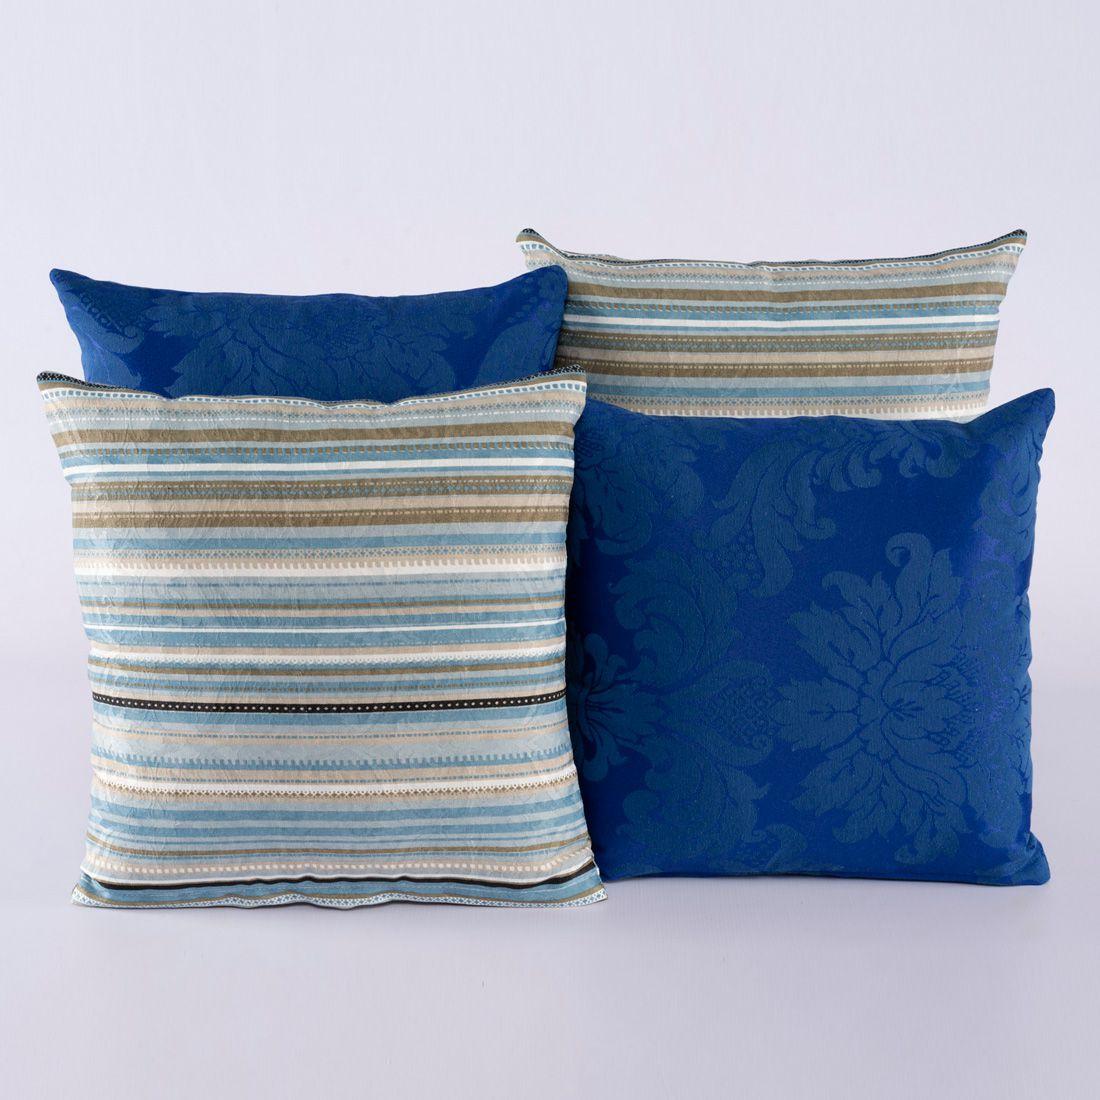 Kit c/ 4 Almofadas Cheias Decorativas Listrado Azul